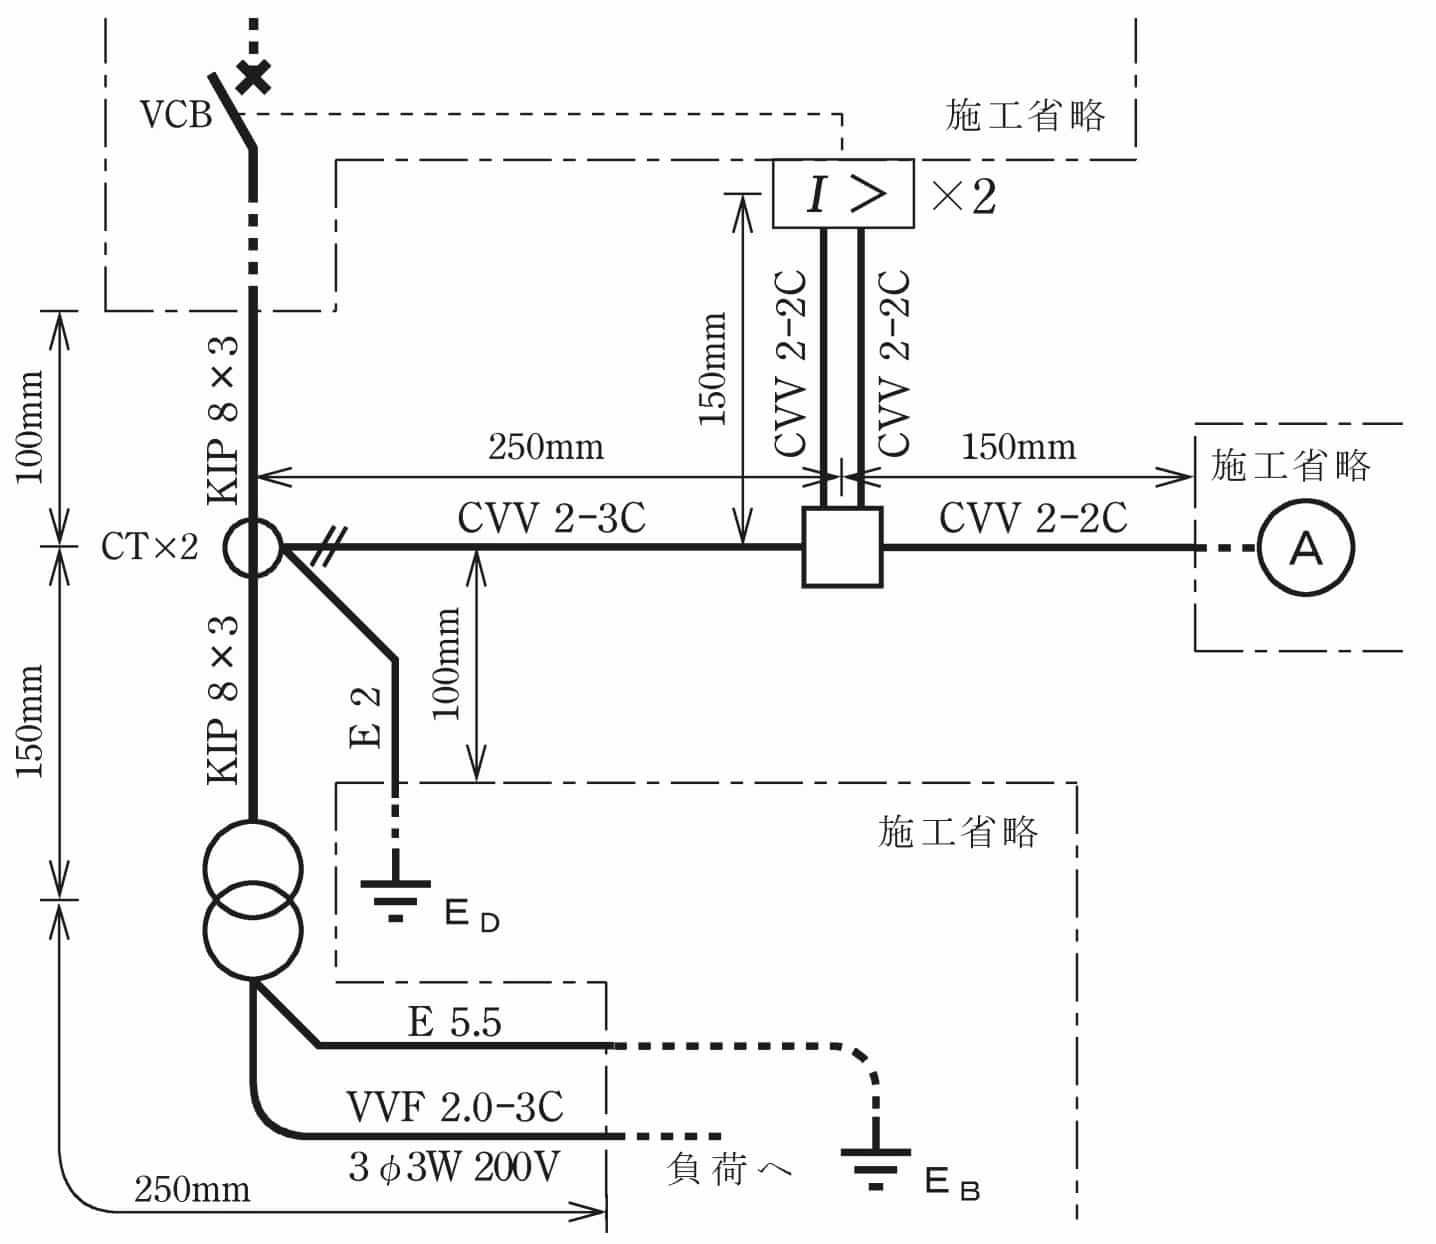 第一種電気工事士の技能試験の試験問題No.7の試験問題